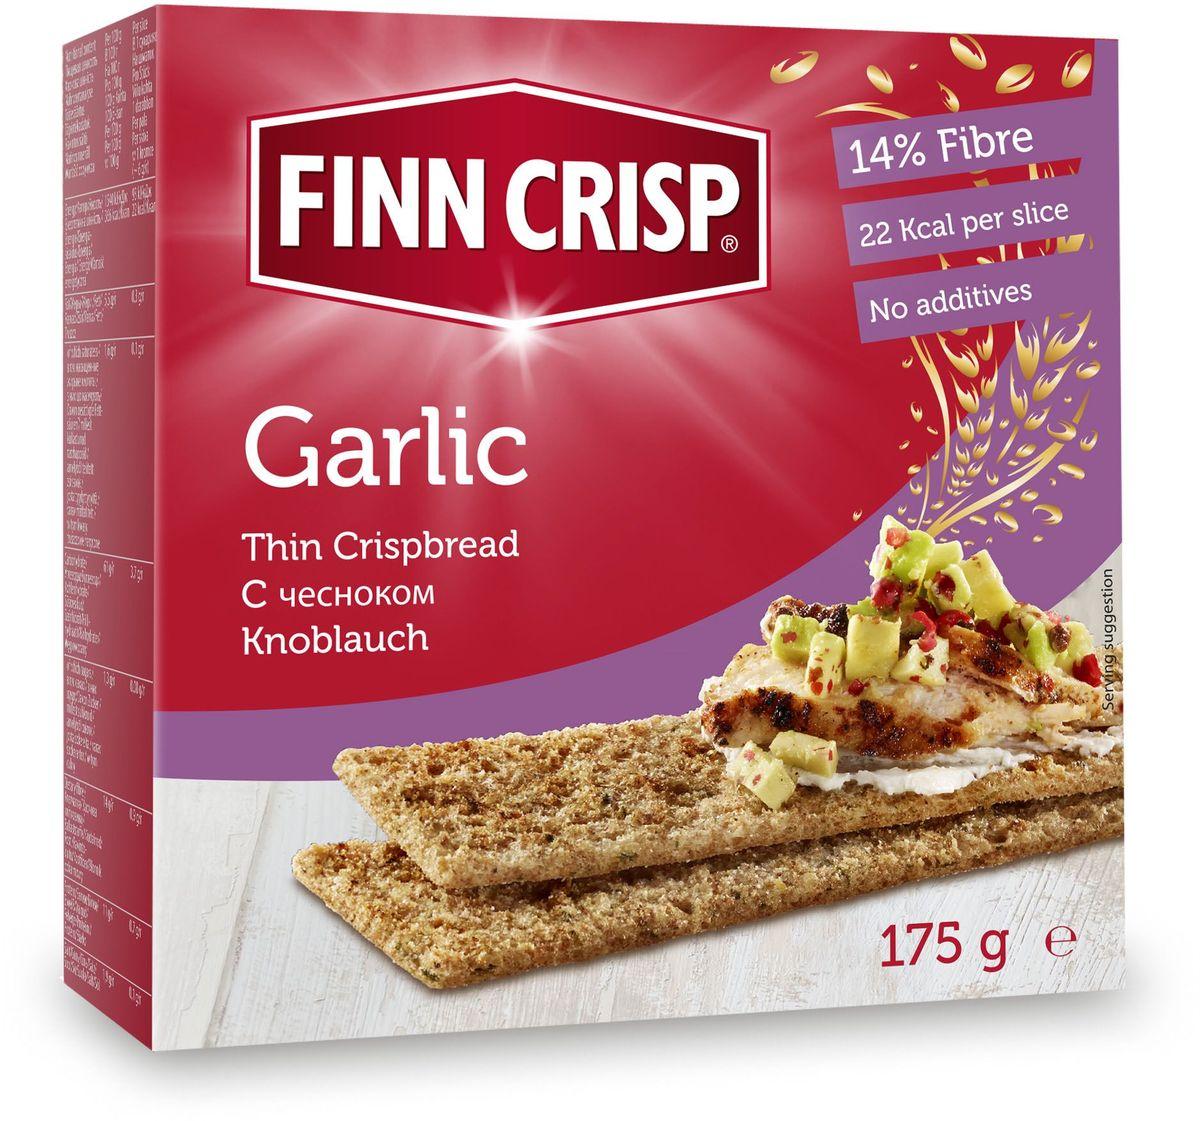 Finn Crisp Garlic хлебцы с чесноком, 175 г0120710В 1952 году началось производство сухариков FINN CRISP (ФИНН КРИСП), когда стартовали Олимпийские Игры в Хельсинки (Финляндия).Многие годы натуральные ржаные сухарики FINN CRISP отражают дух Финляндии для миллионов покупателей по всему миру, заботящихся о здоровом питании. Высушивать хлеб - давняя финская традиция и FINN CRISP до сих пор придерживаются этой традиции создавая хлебцы по старому классическому финскому рецепту.Бренд FINN CRISP принадлежит компании VAASAN Group's.VAASAN - это крупнейшая хлебопекарная компания в Балтийском регионе со столетней историей, занимающаяся производством продукции для правильного и здорового питания. Занимающая второе место по производству сухариков и хлебцев, а её продукция экспортируются в более чем 50 государств!